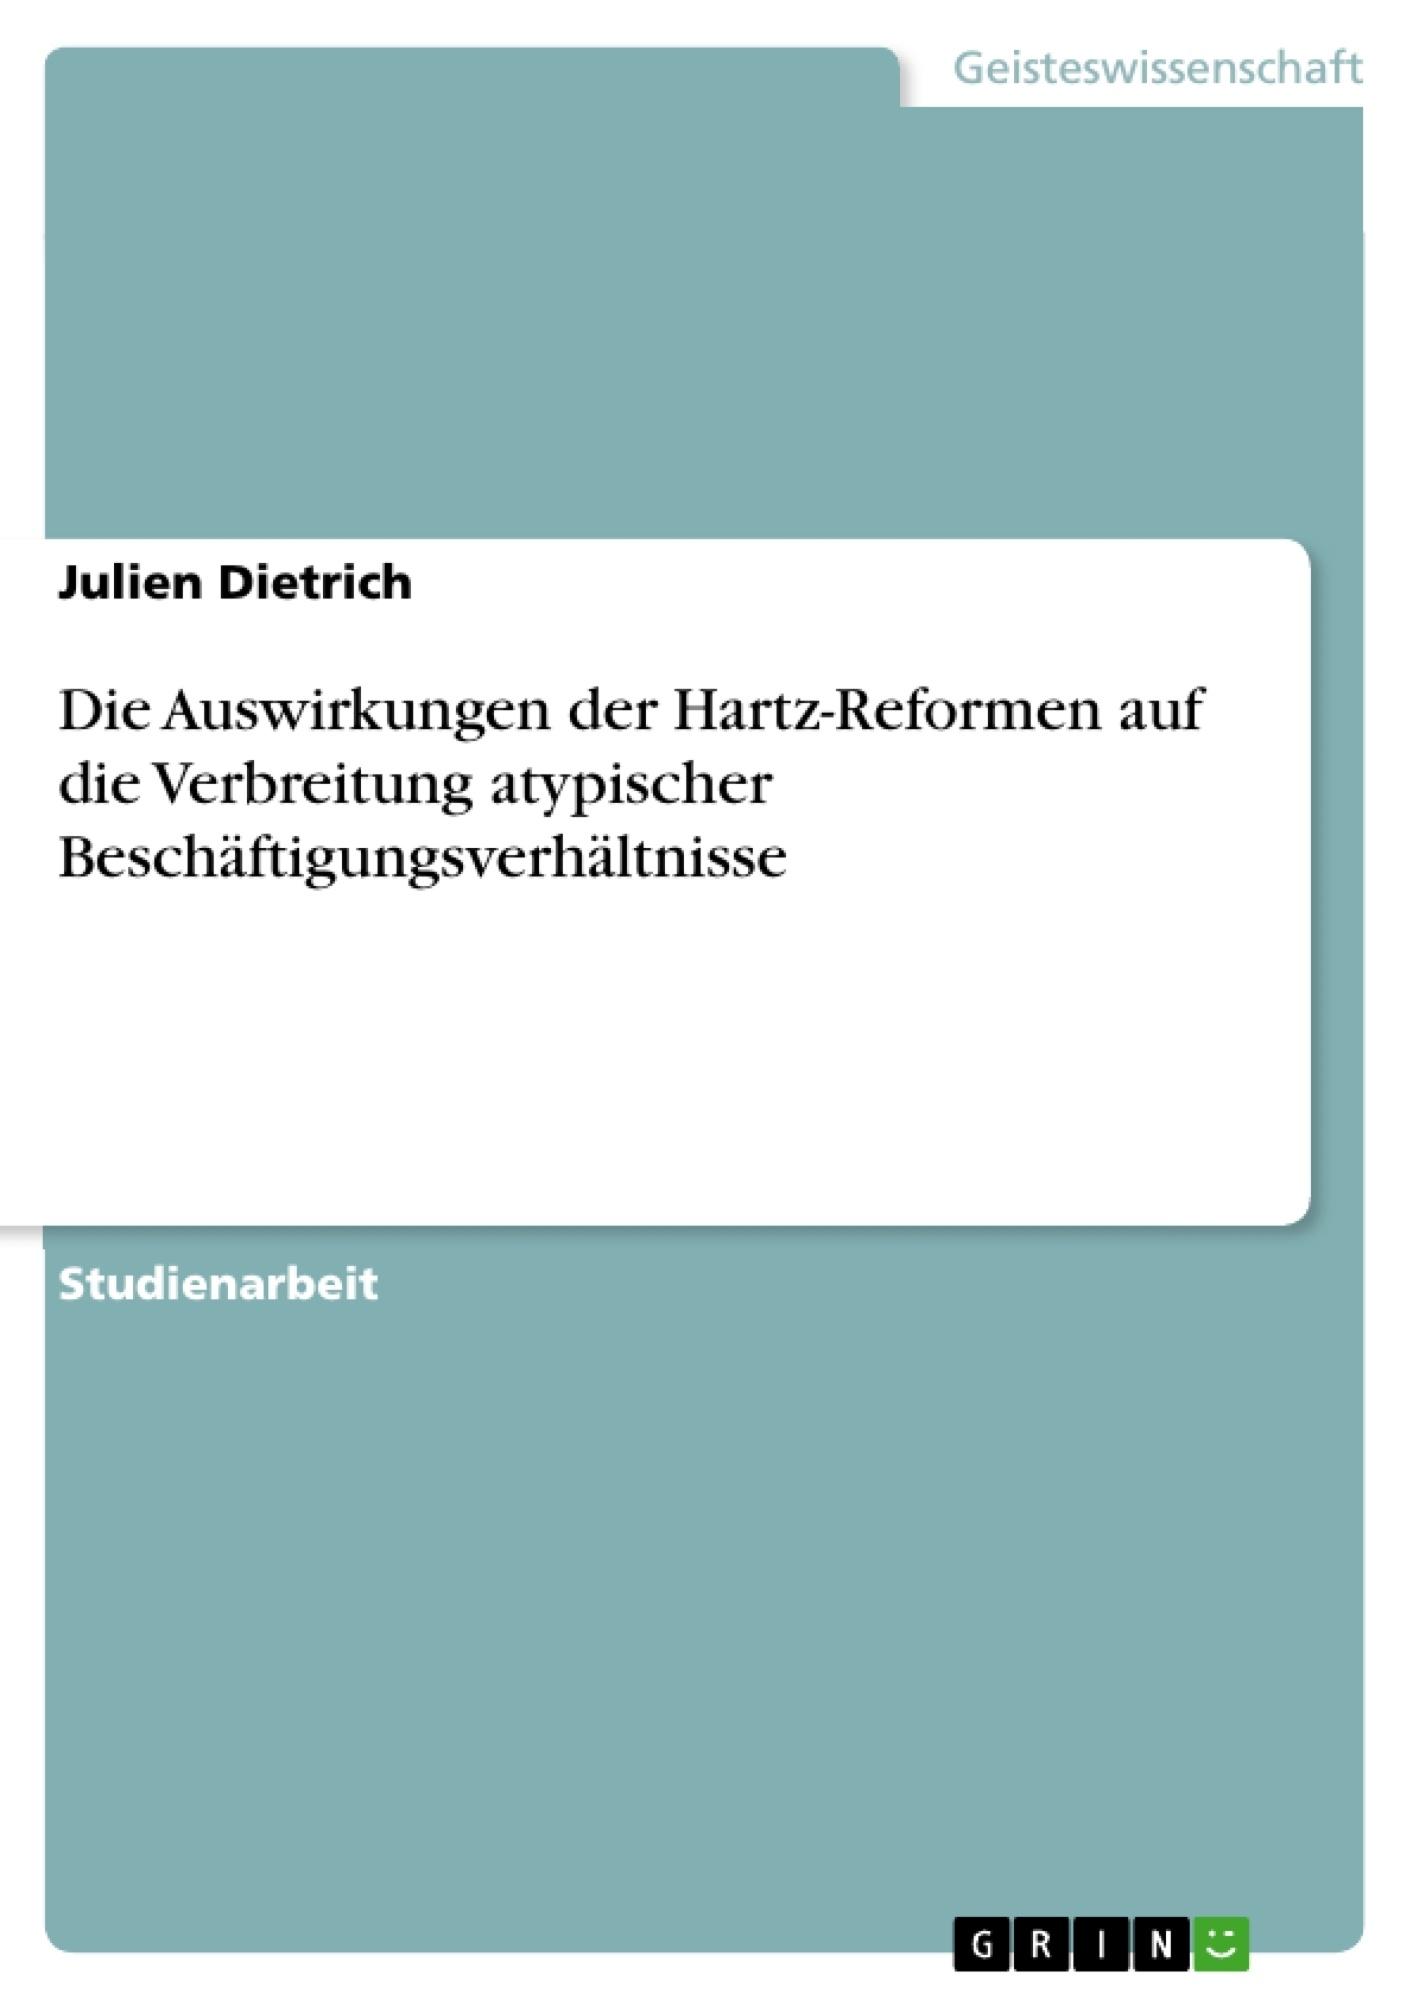 Titel: Die Auswirkungen der Hartz-Reformen auf die Verbreitung atypischer Beschäftigungsverhältnisse